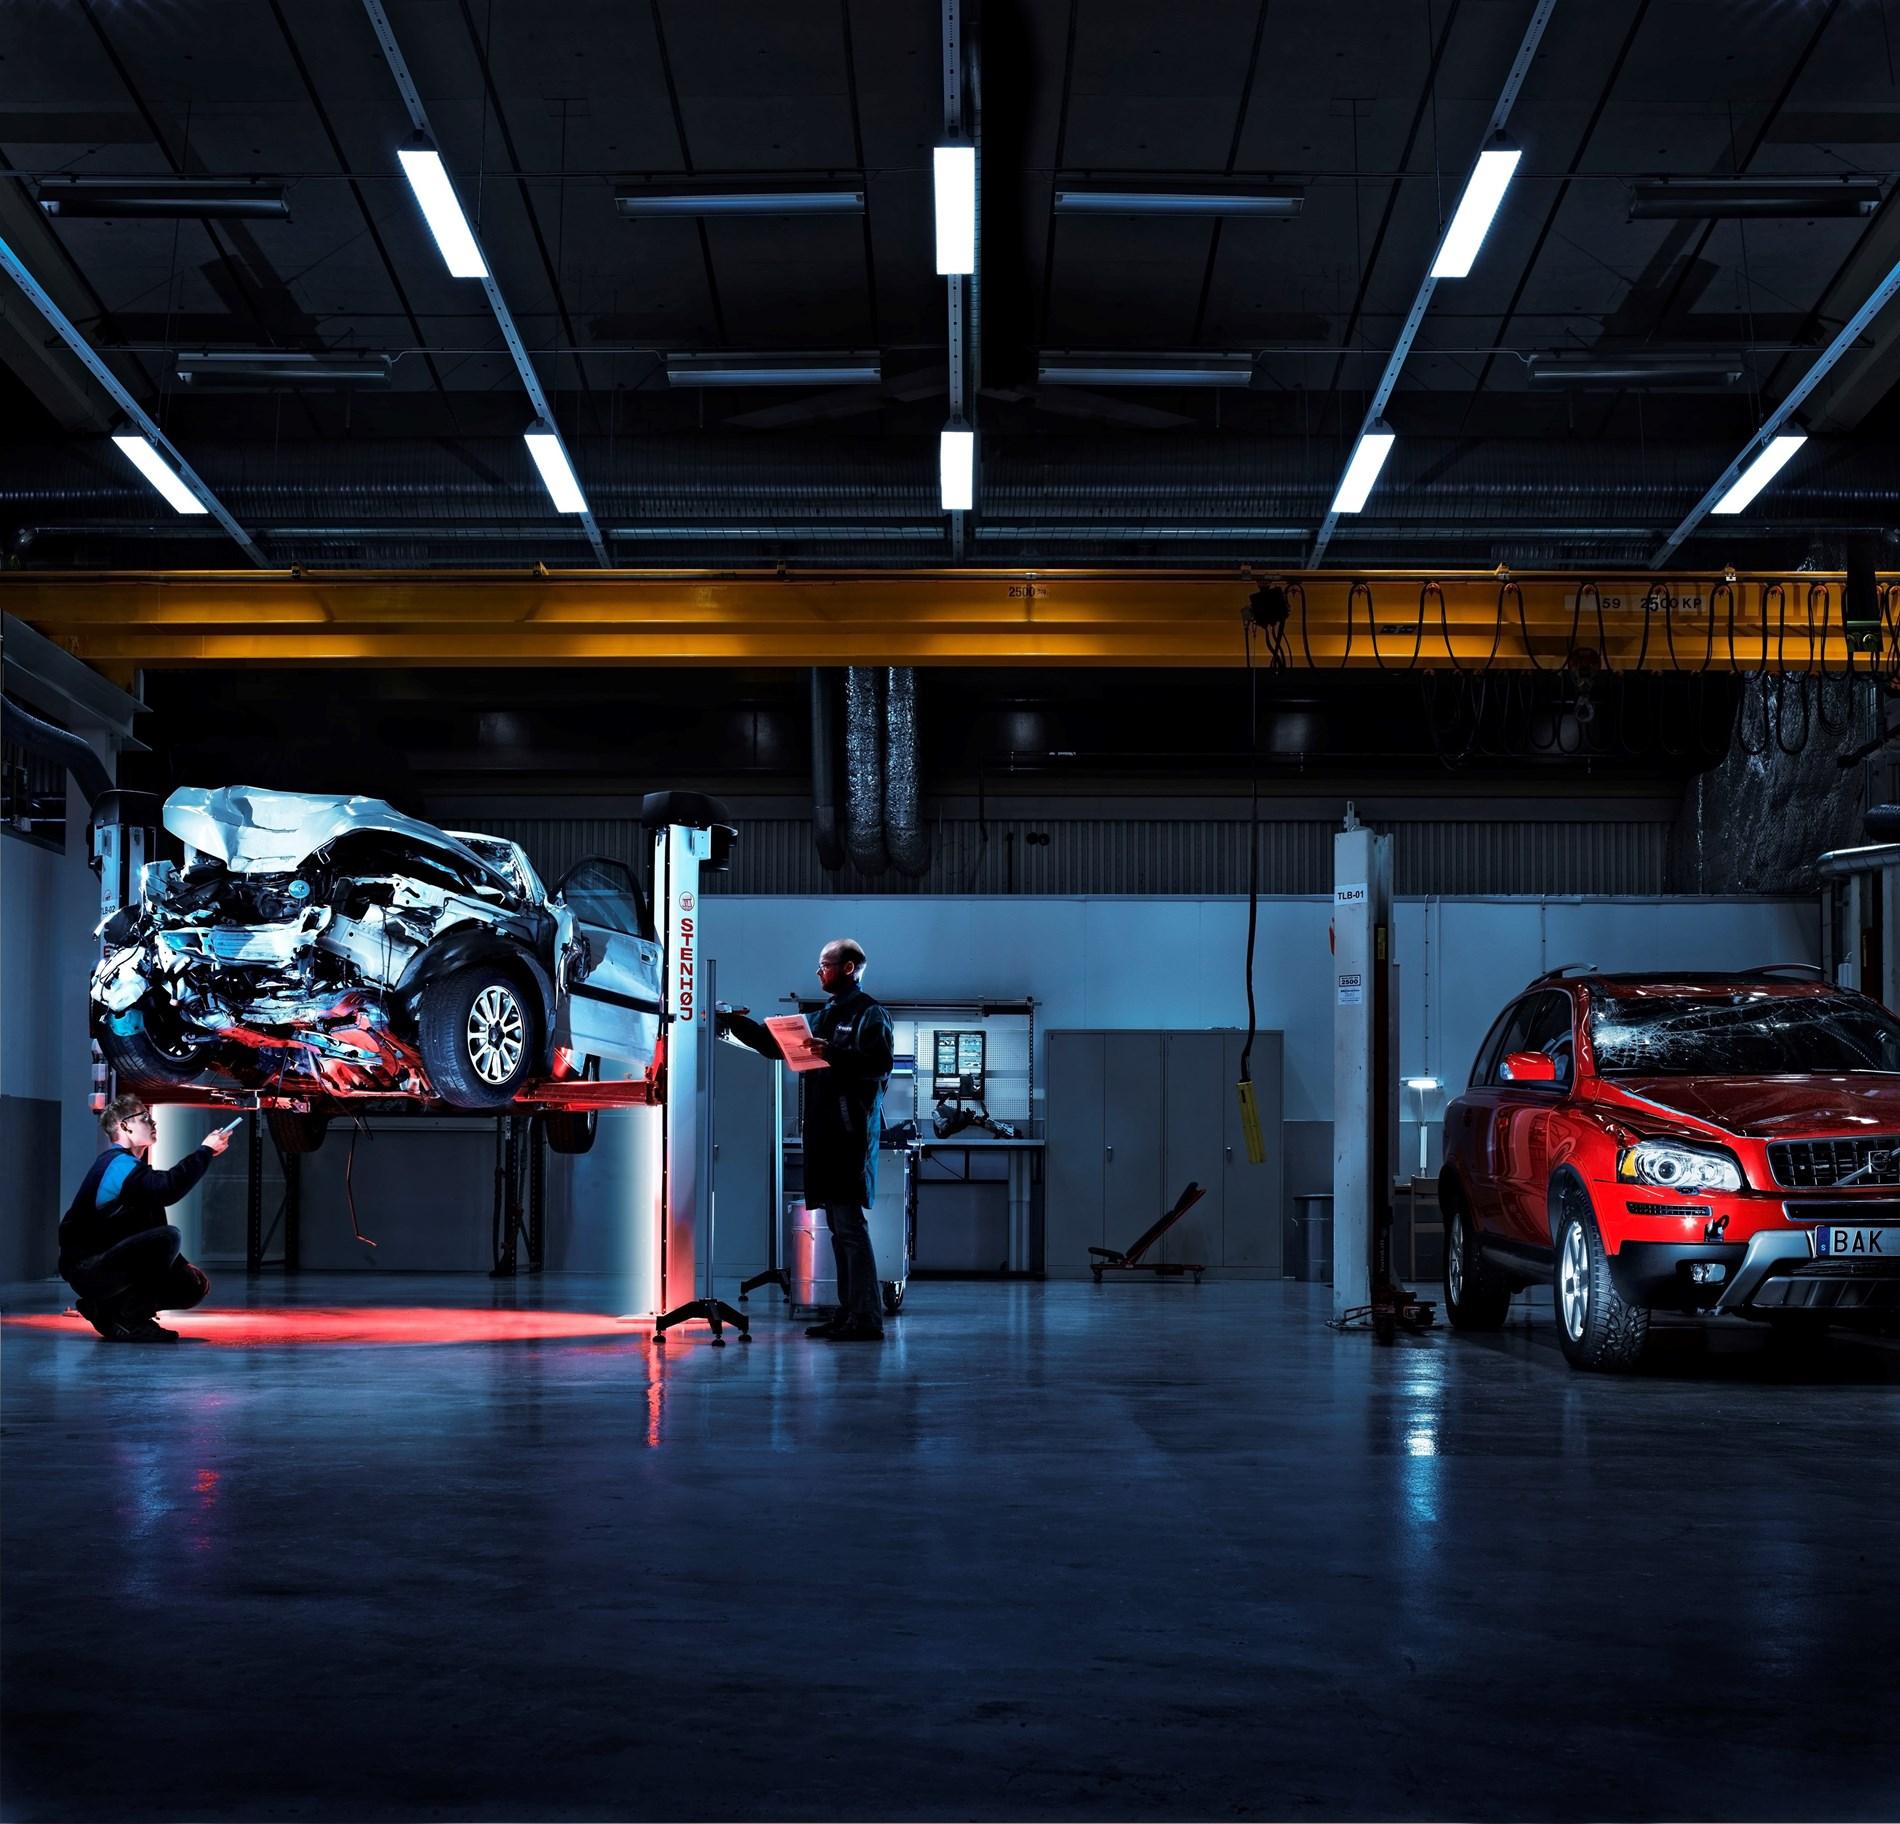 Van Houdt Een halve eeuw in dienst van veiligheid: het Traffic Accident Research Team van Volvo Cars bestaat 50 jaar